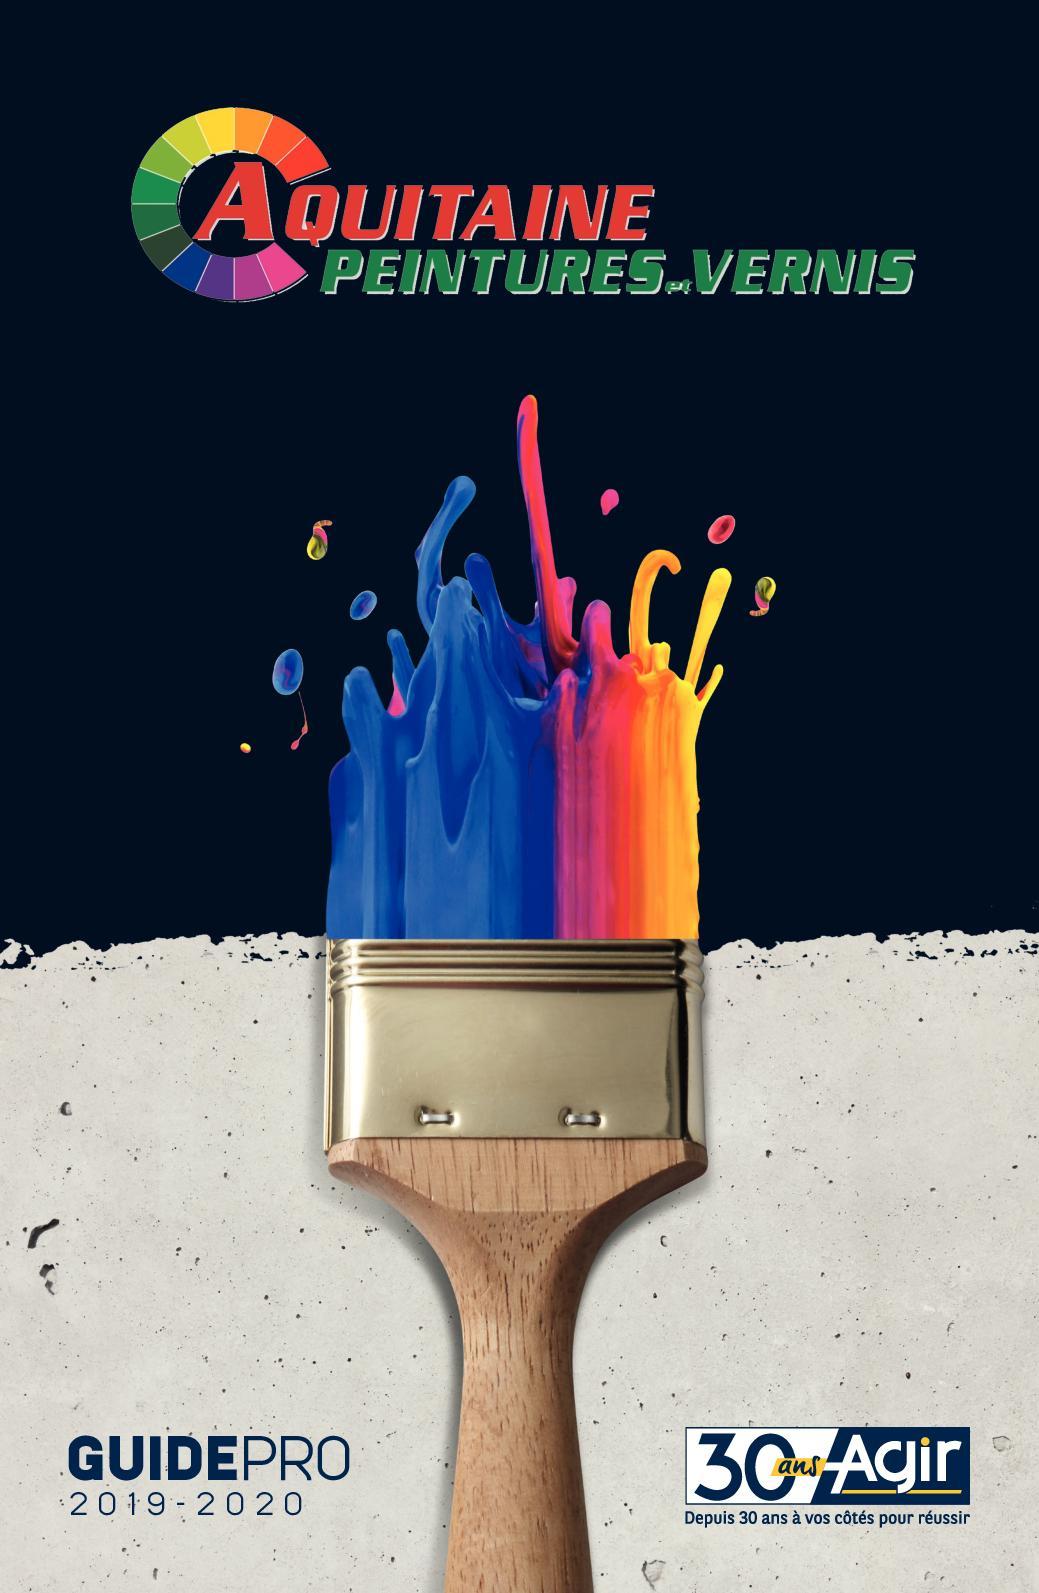 Calaméo Aquitaine Peinture Vernis Guide Pro 2019 2020